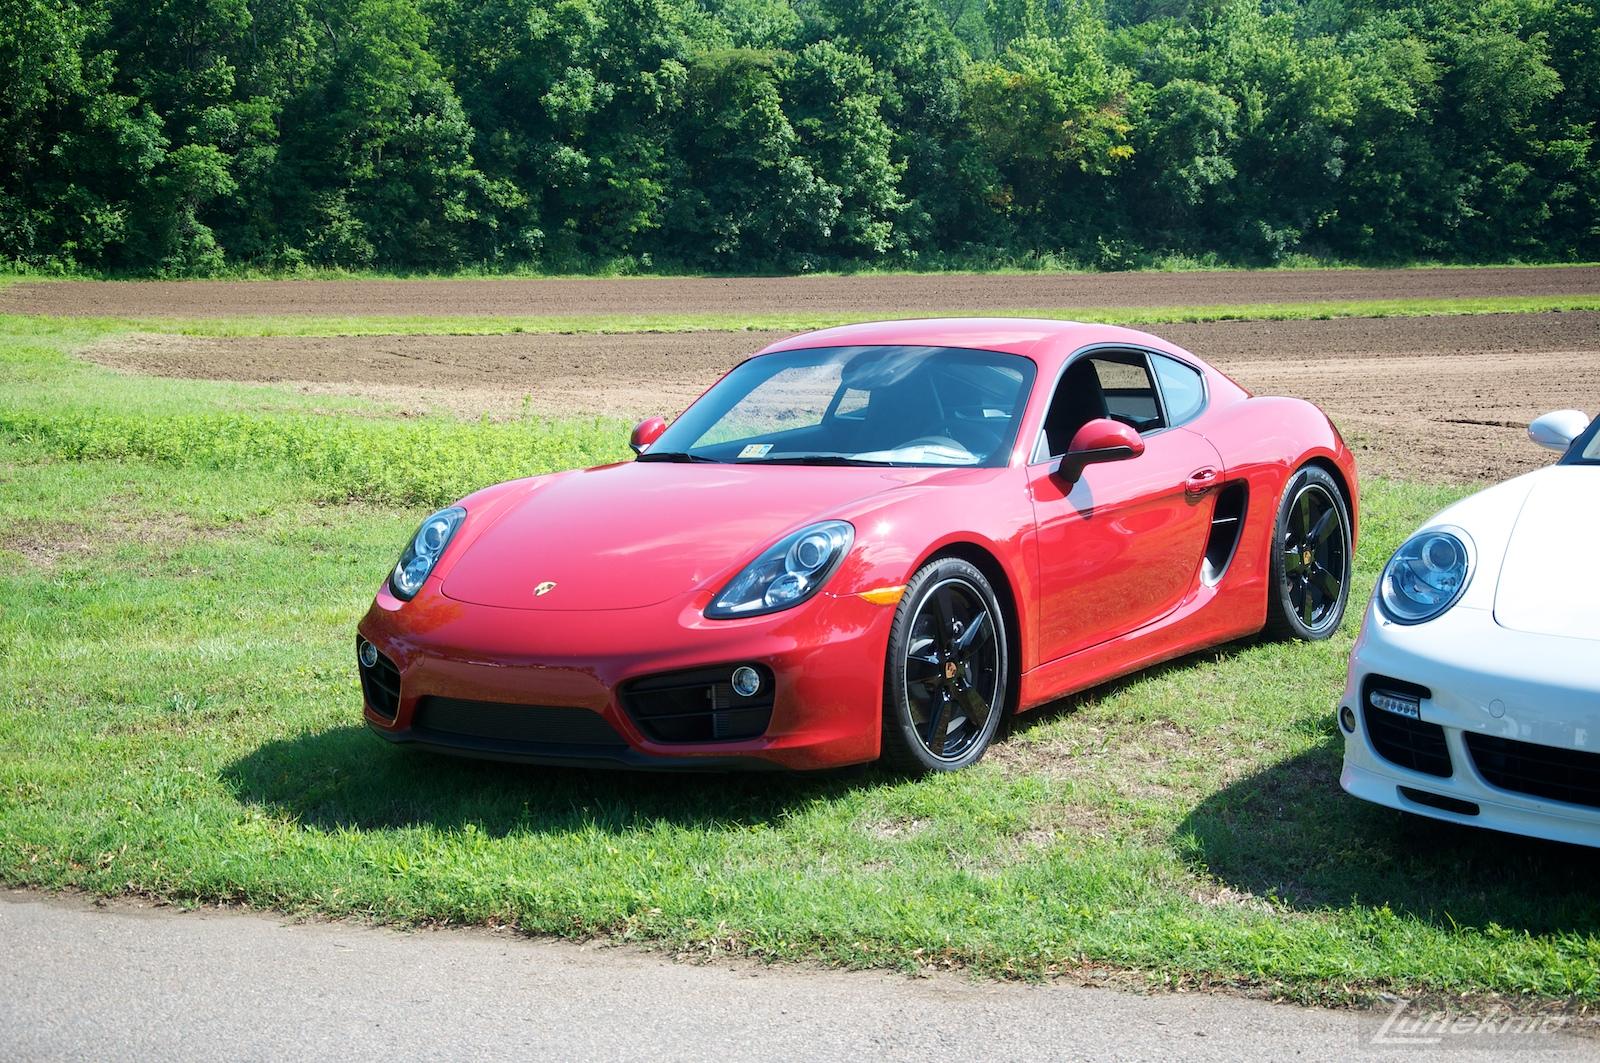 Red Cayman at the Richmond Porsche Meet.